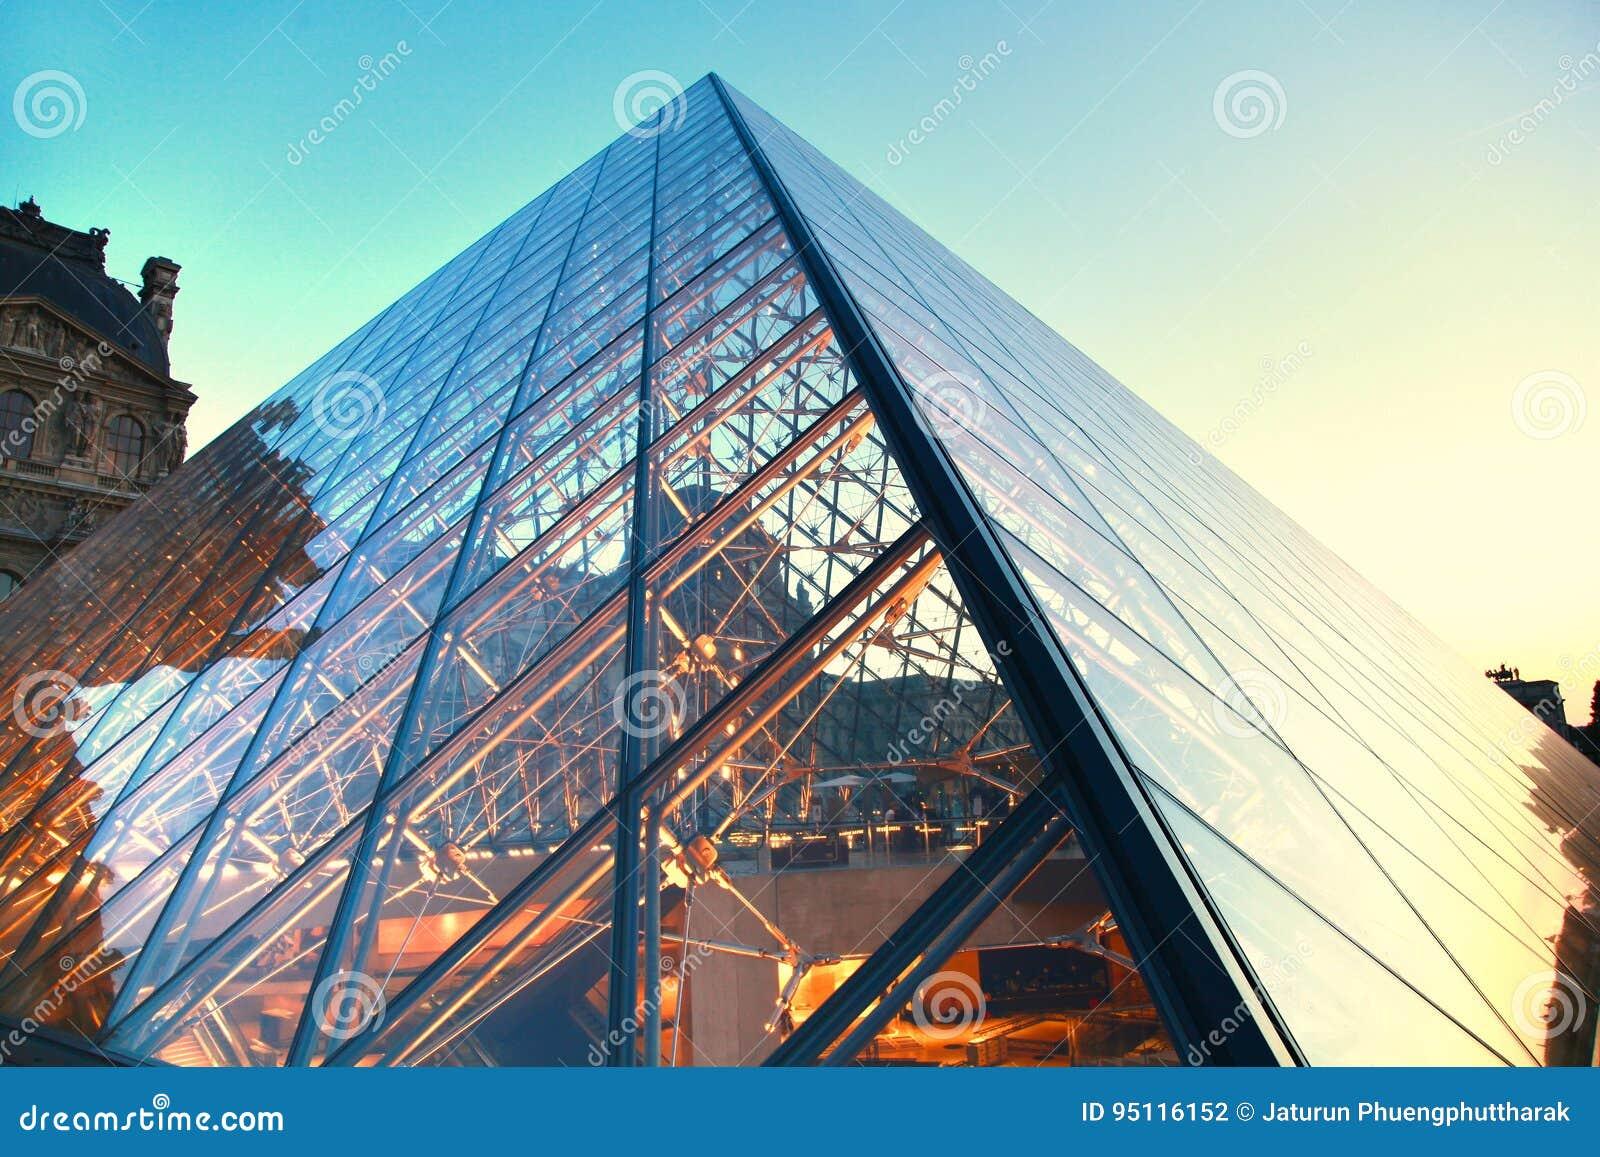 714ffed41010 Жалюзи музей и исторический памятник мира самый большой расположенные в центре  города